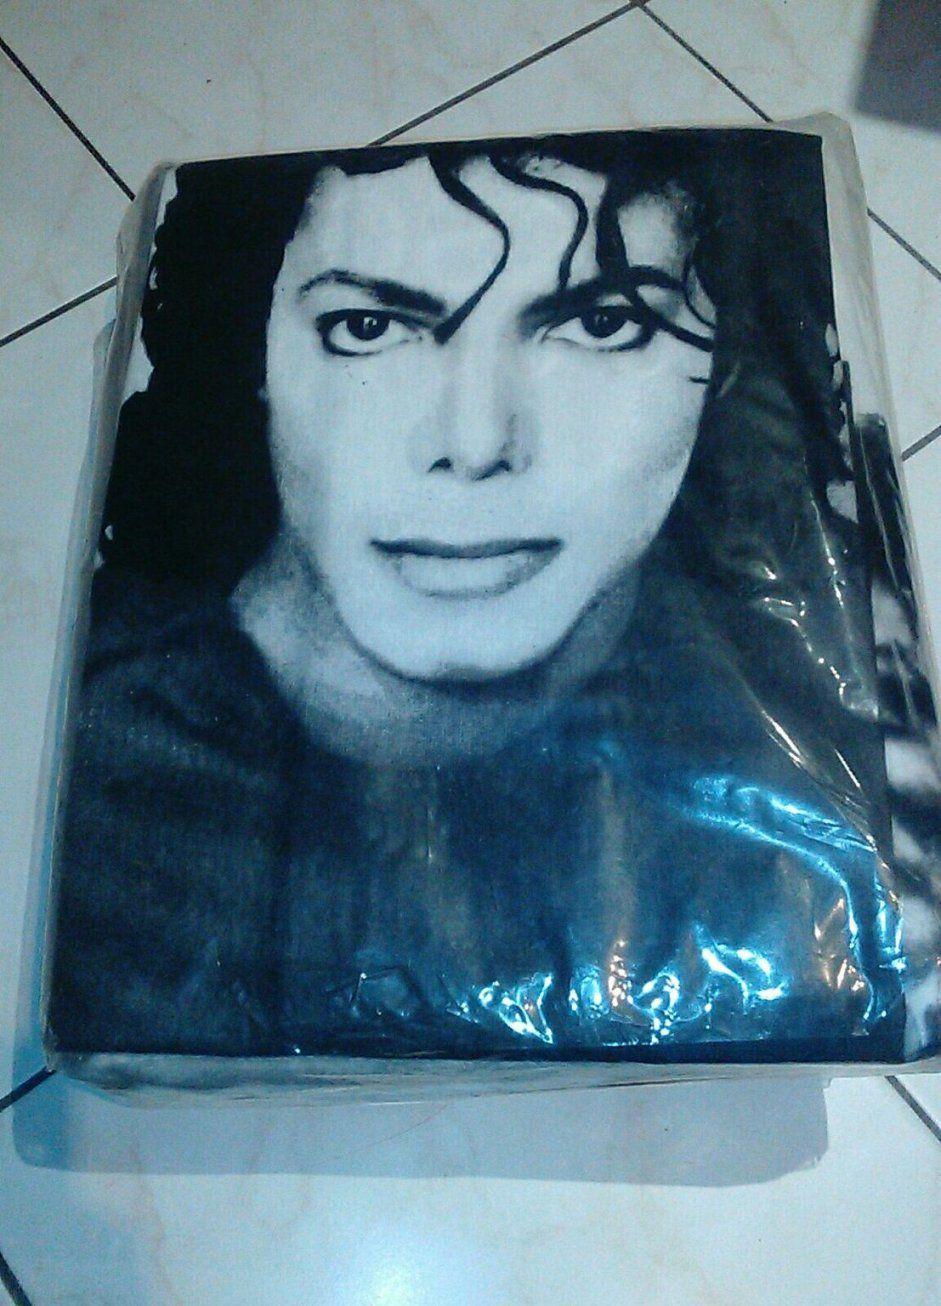 Gebraucht Bettwäsche Michael Jackson In 68309 Mannheim Um € 6500 von Michael Jackson Bettwäsche Bild